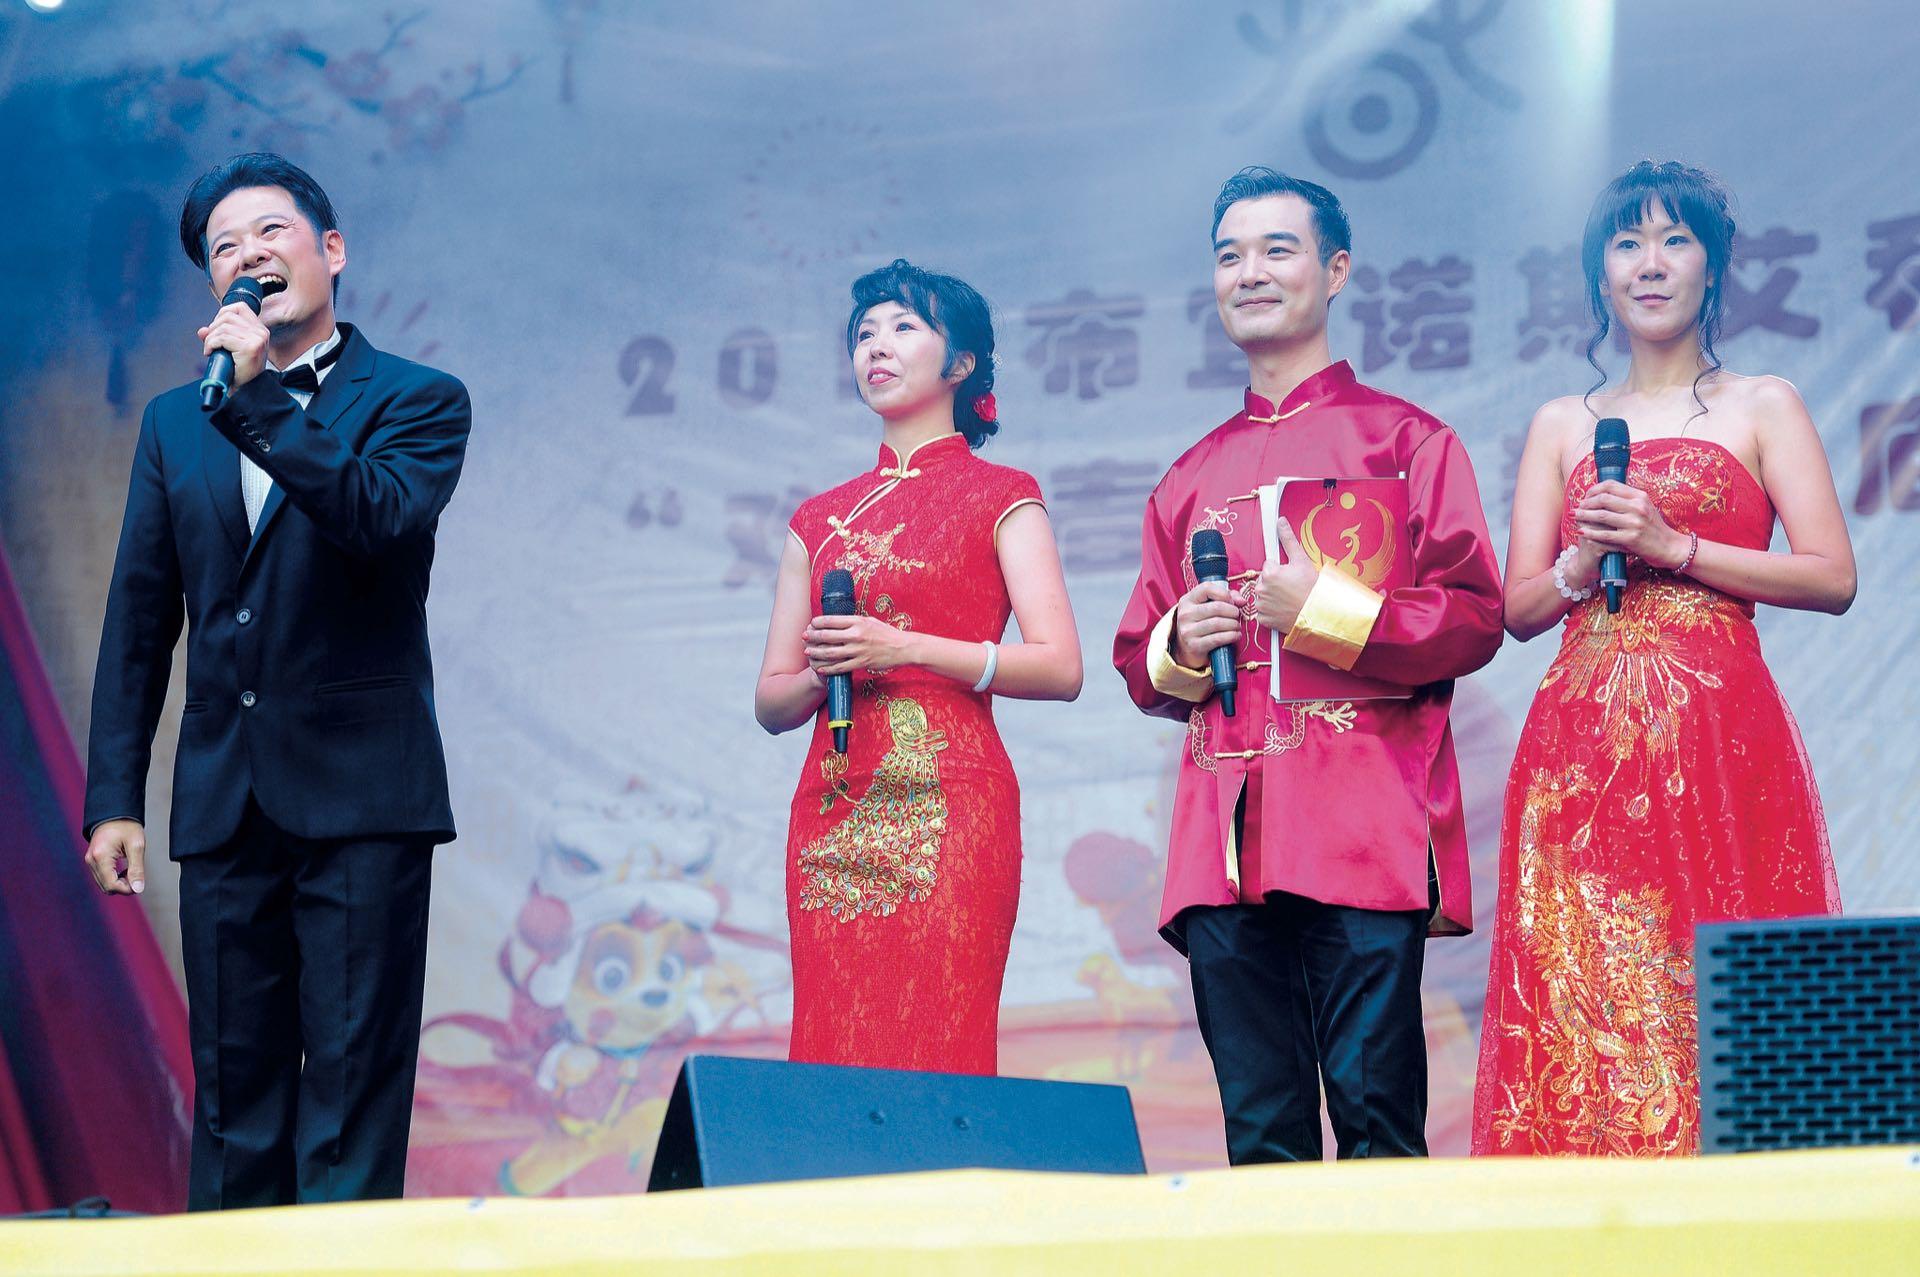 El actor Ignacio Huang –el de la película Un cuento chino– fue el director artístico del evento. (Fotos: Fabián Mattiazzi y Télam)